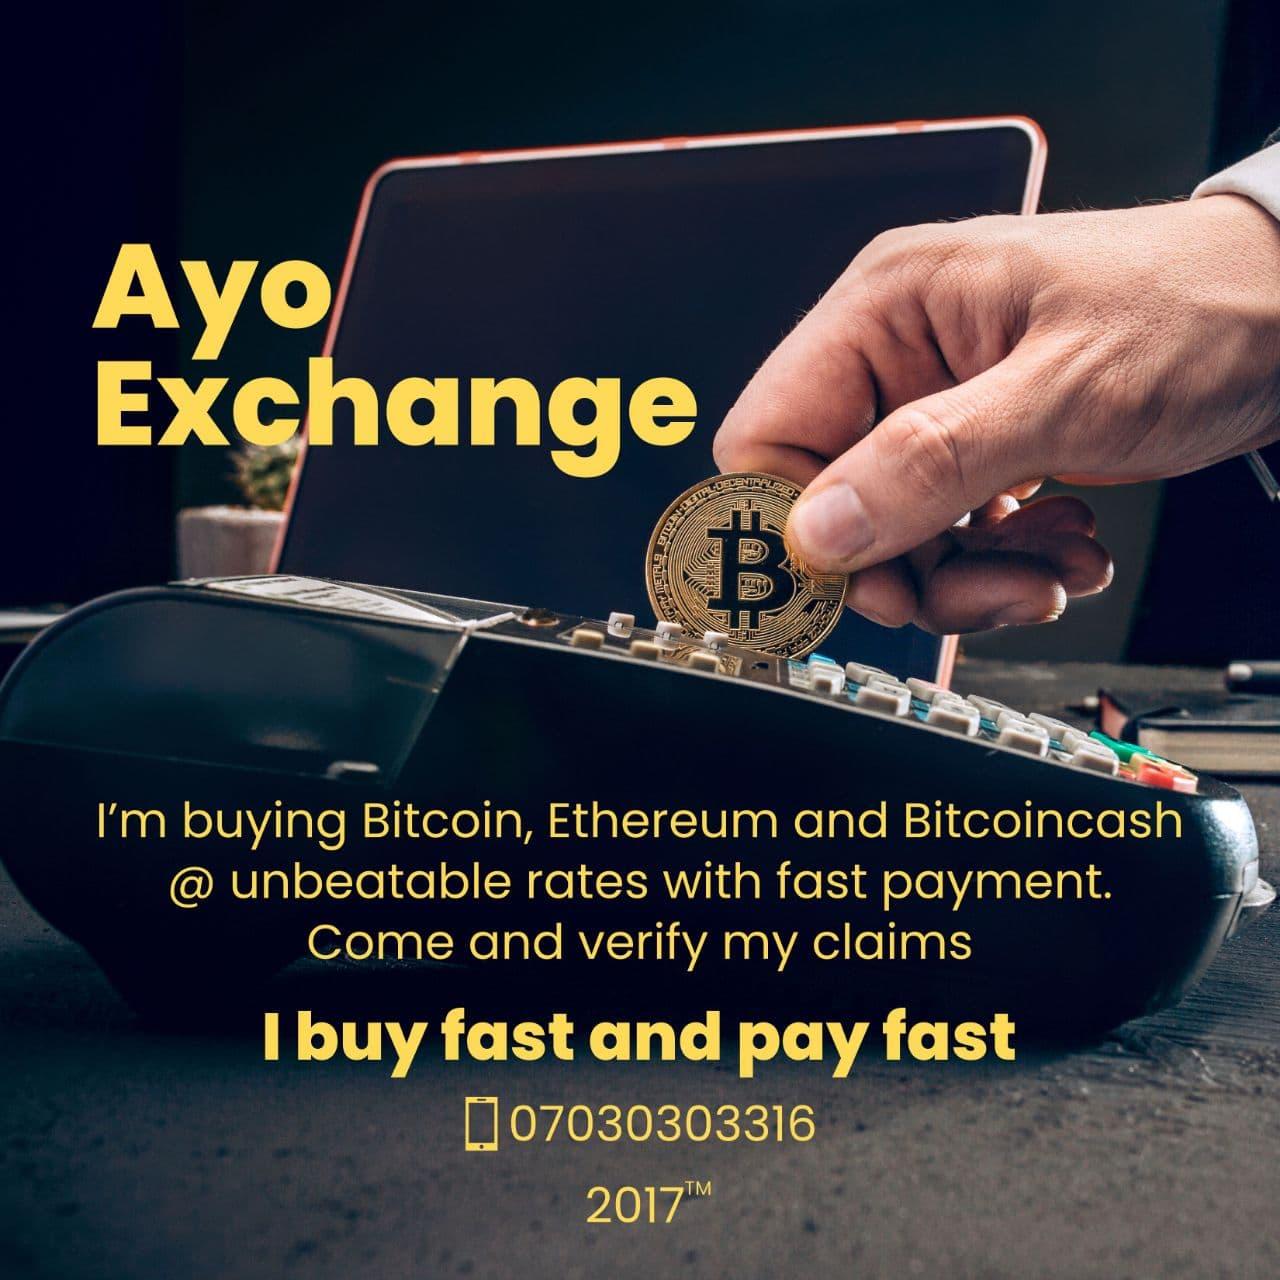 Ay Crypto Exchange